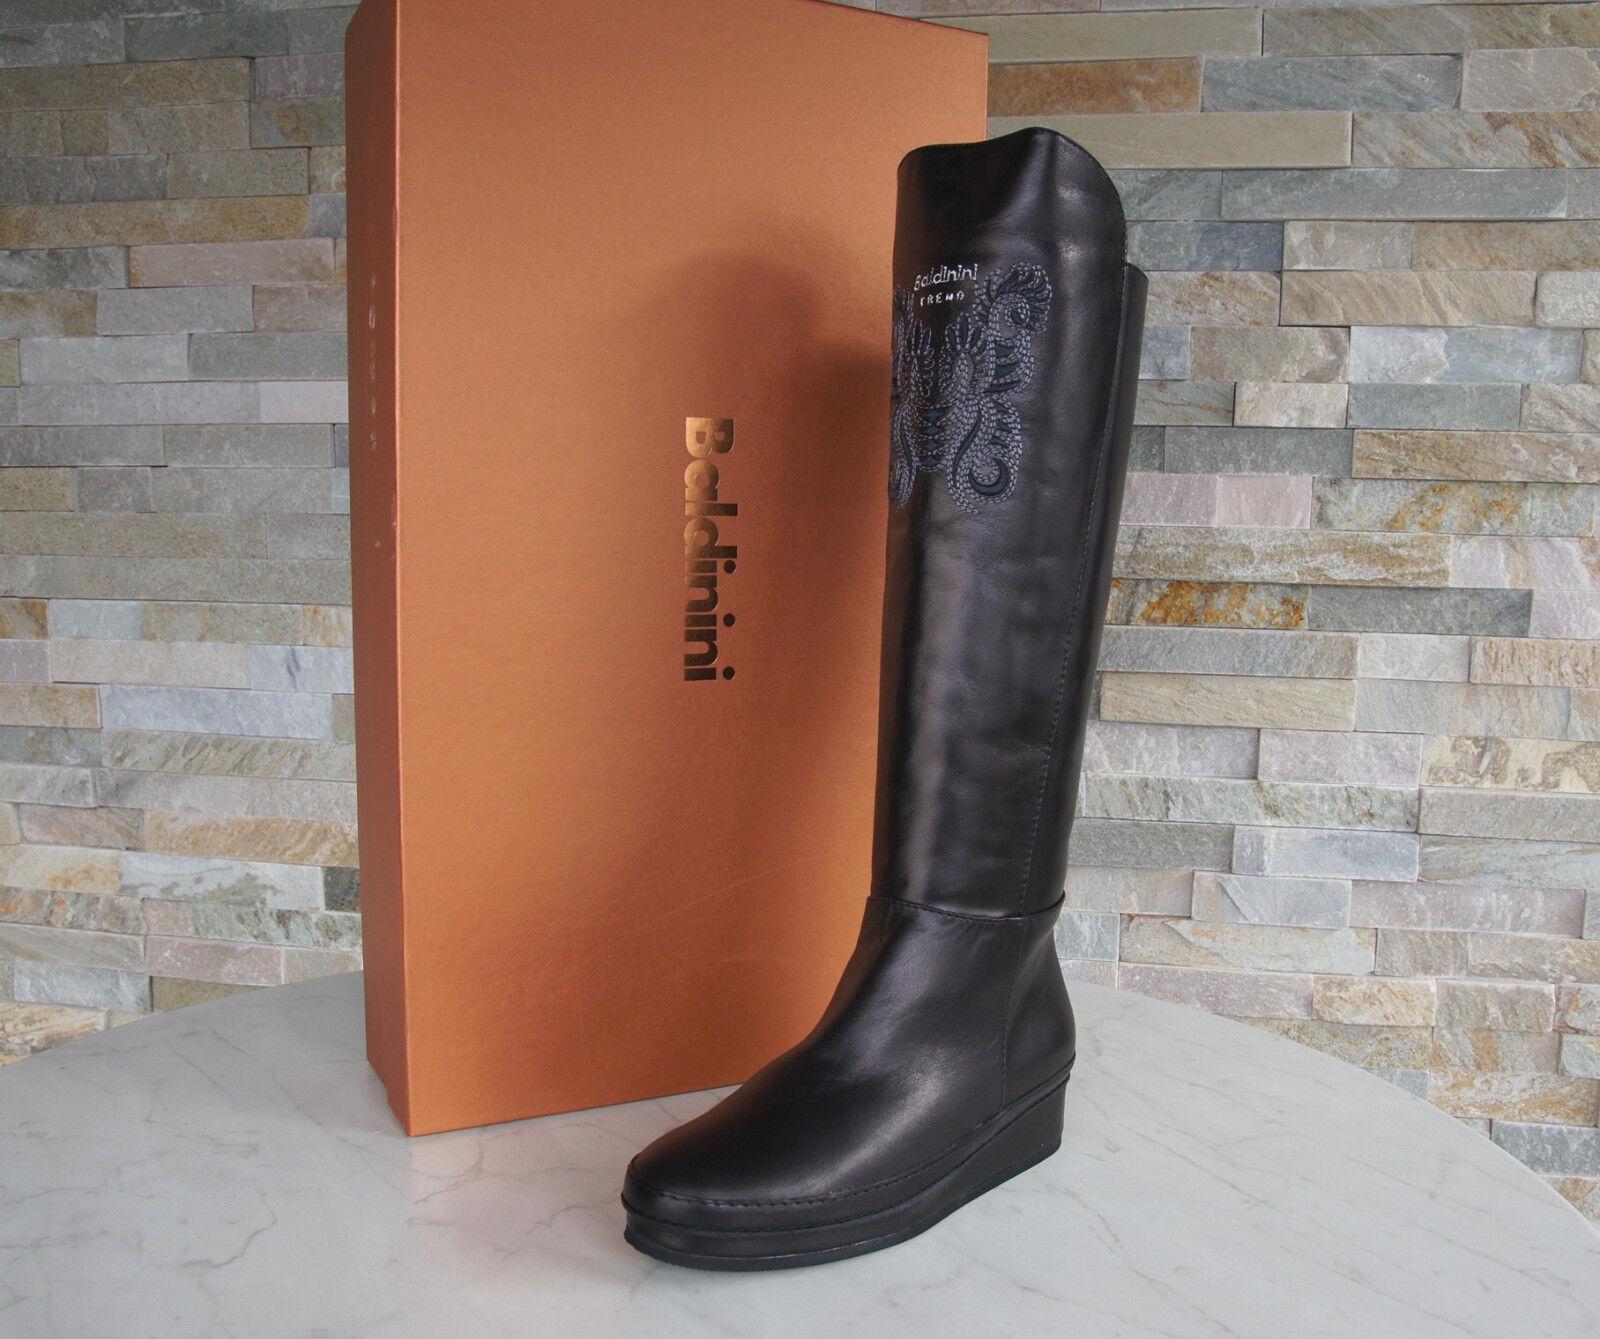 Baldinini Trend Gr 36 Stiefel Fell 148334 Stiefel Schuhe schwarz NEU ehem